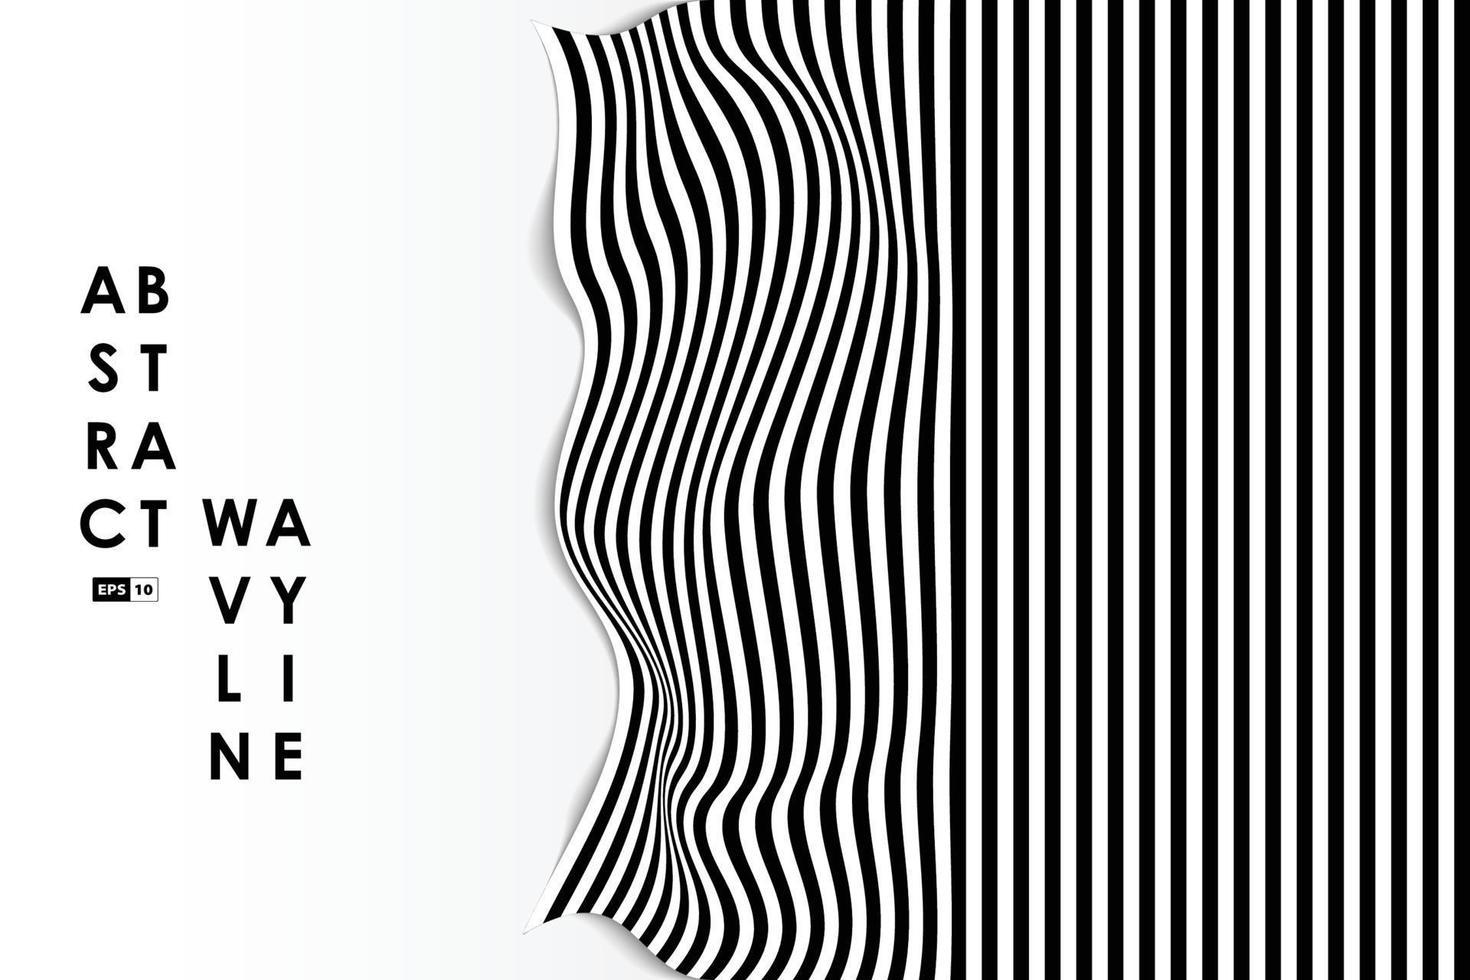 abstrakter Schwarzweiss-Wellenverzerrungs-Entwurfsabdeckungshintergrund. Verwendung für Anzeige, Poster, Grafik, Vorlage, Design, Druck. Illustrationsvektor eps10 vektor